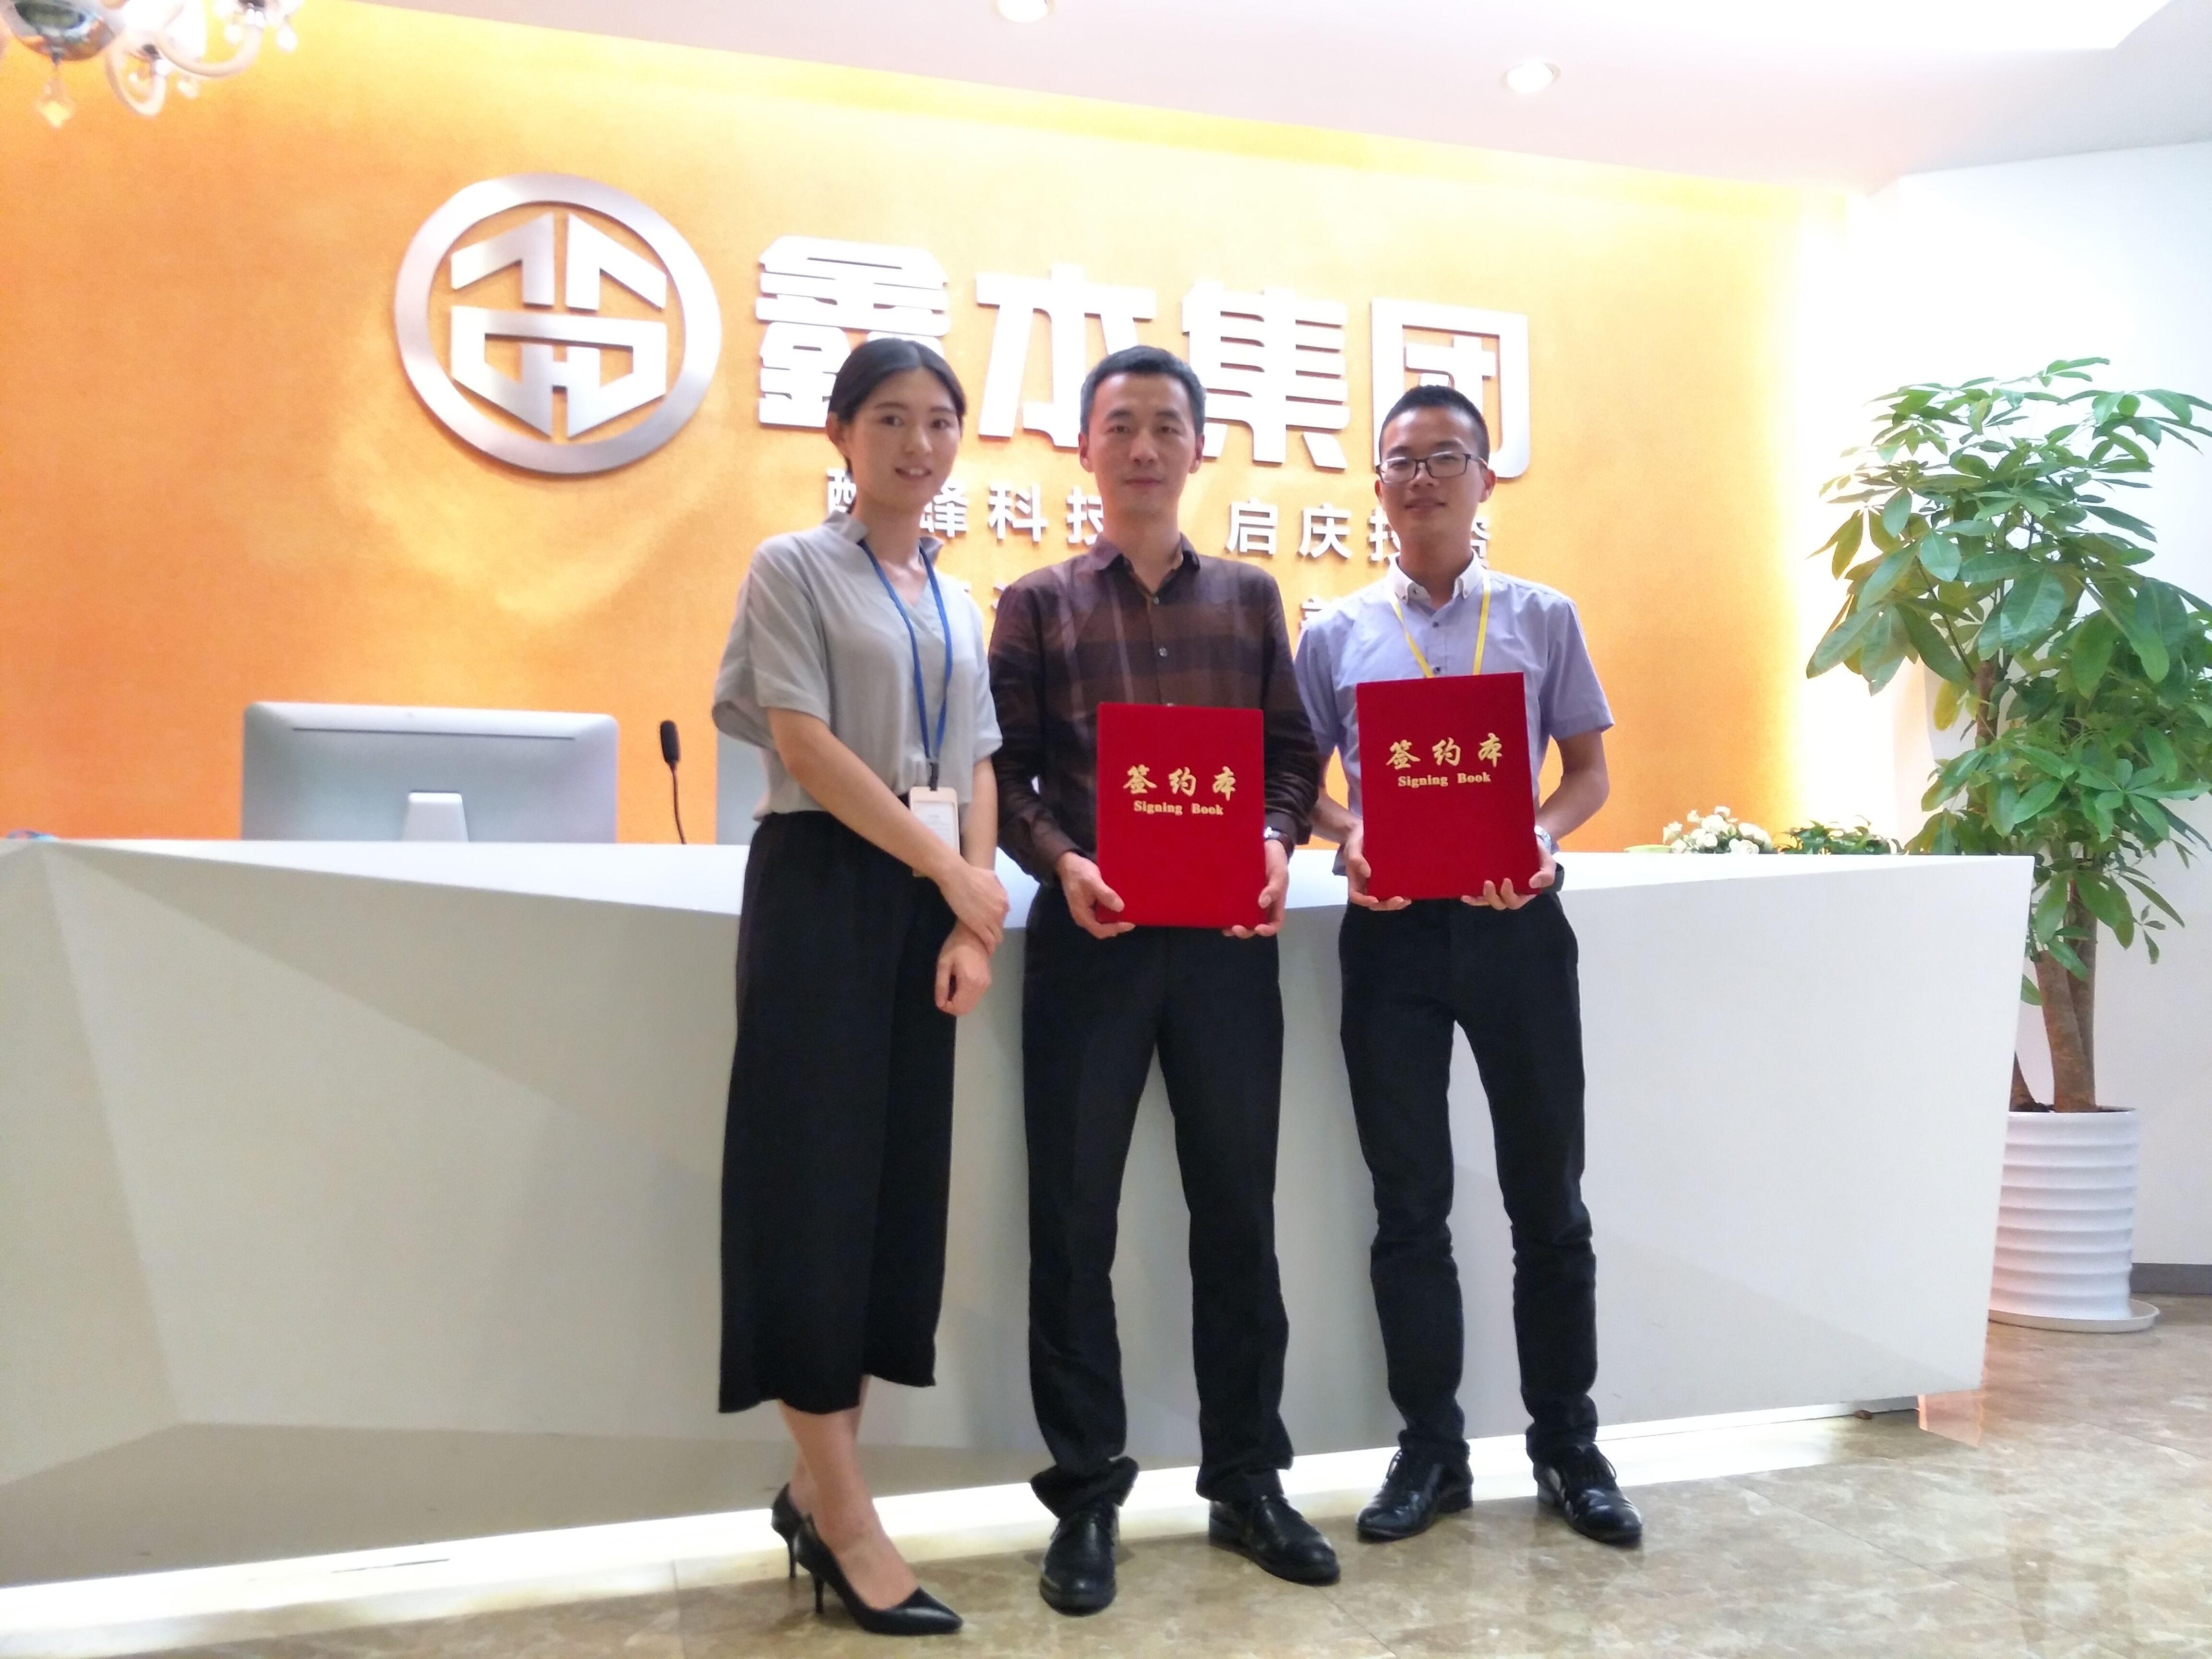 房屋销售广州app公司酷蜂科技帮你搞定